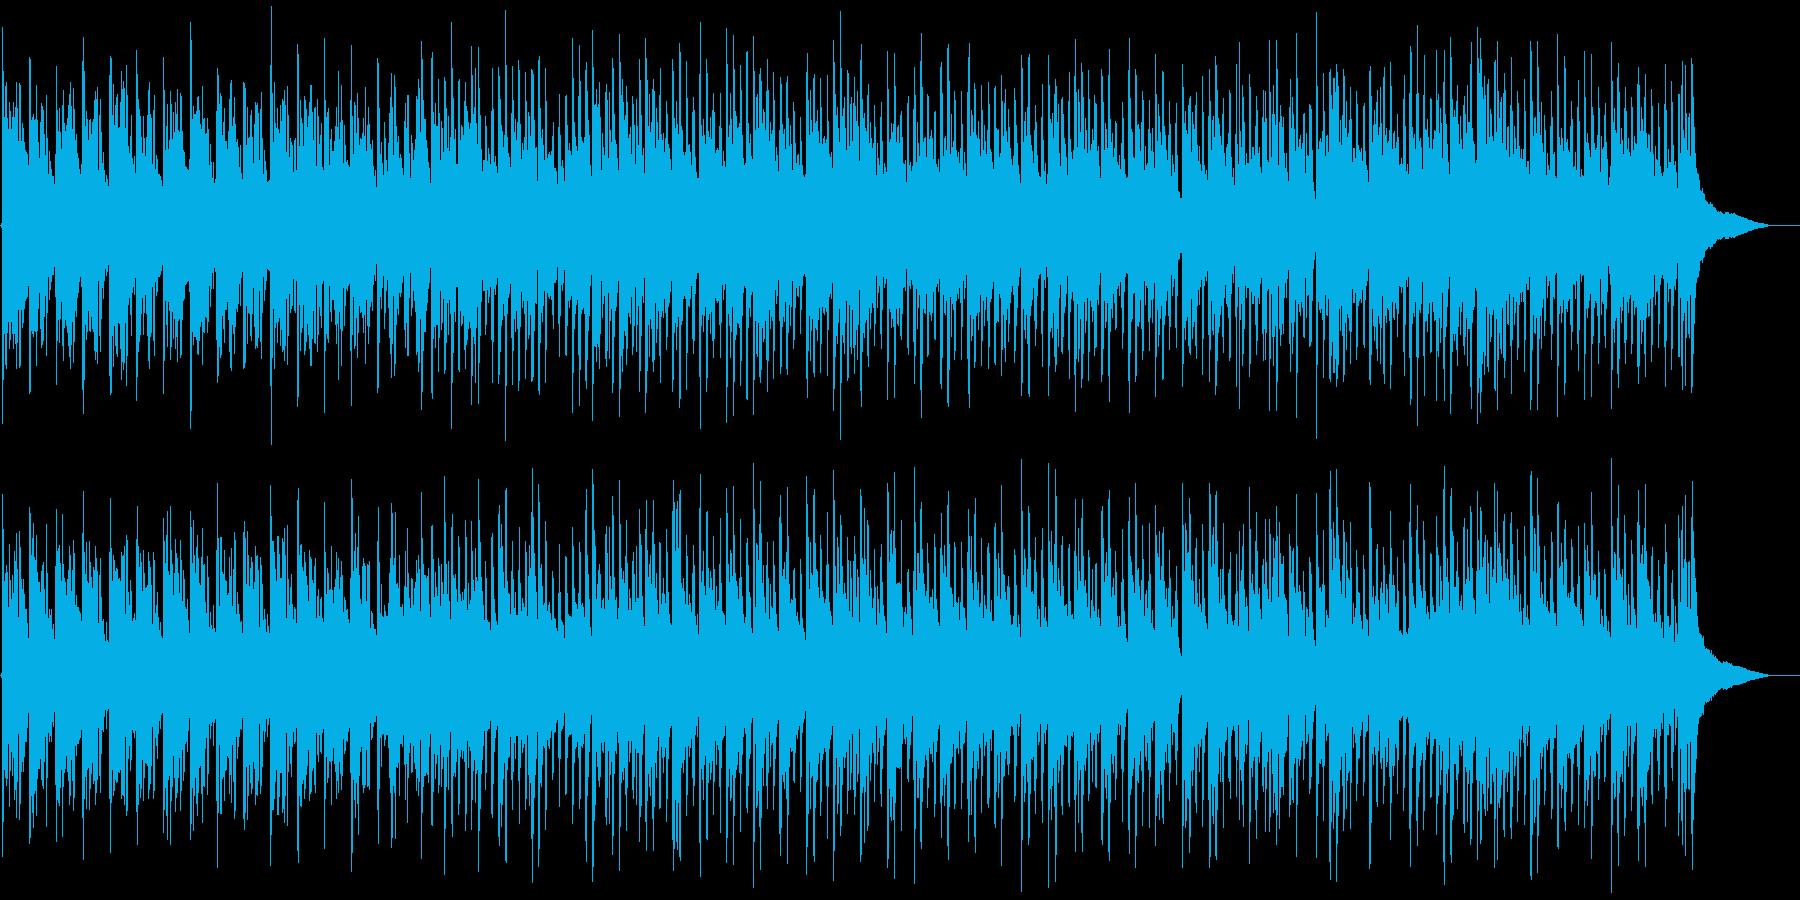 琴の音と低音ビート・日本的な和風BGMの再生済みの波形